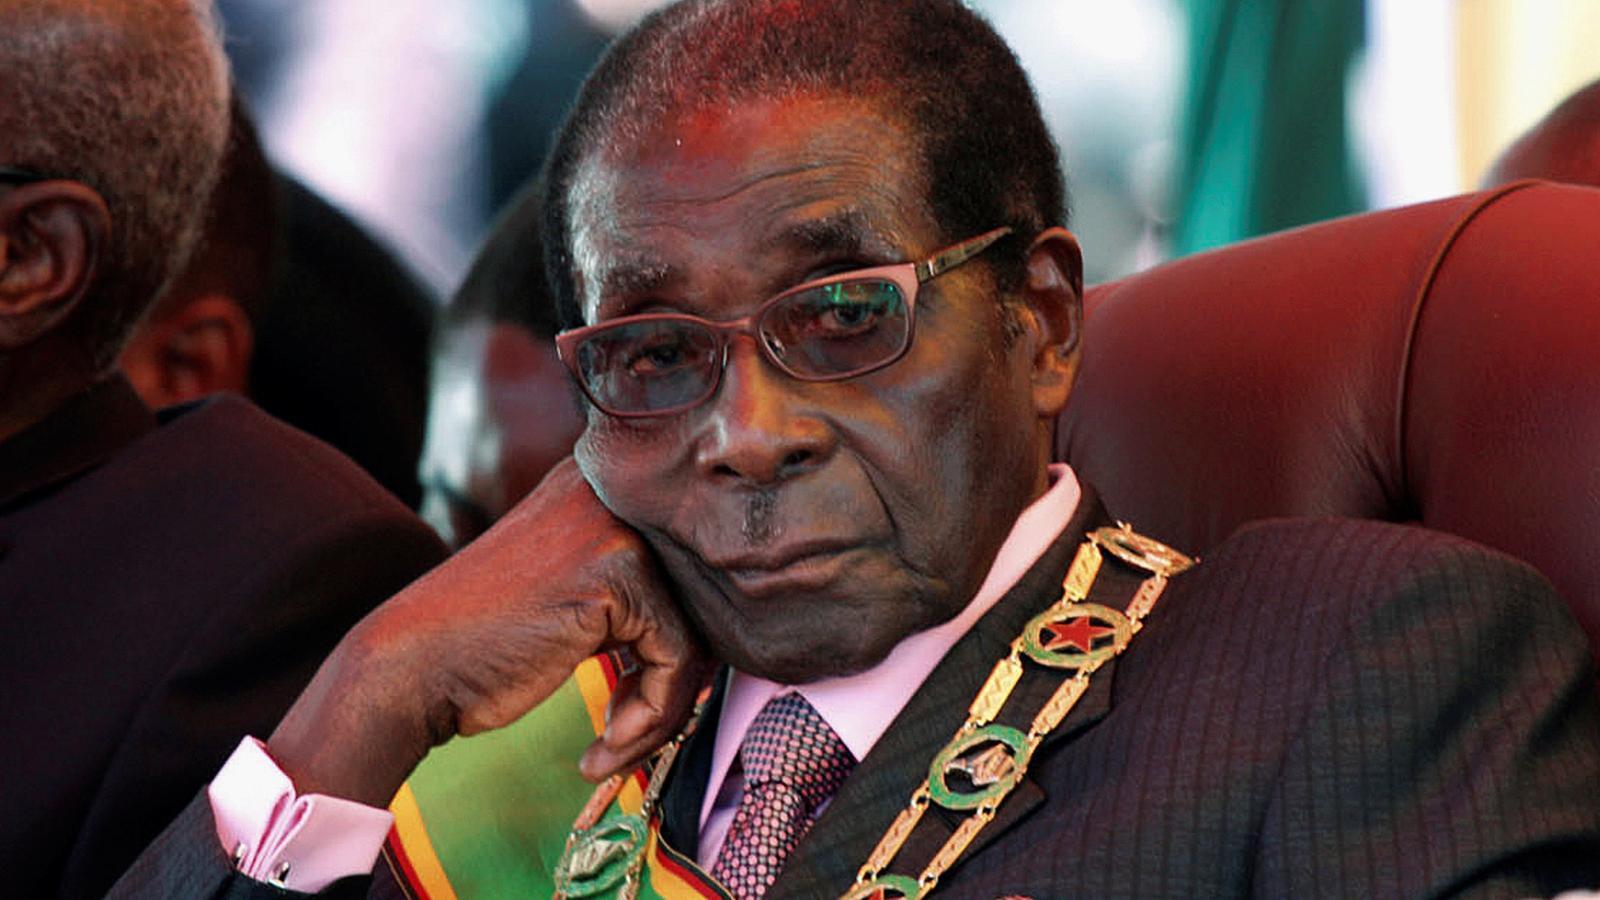 Mugabe en una imatge d'arxiu de l'any 2012 durant una desfilada militar a Harare